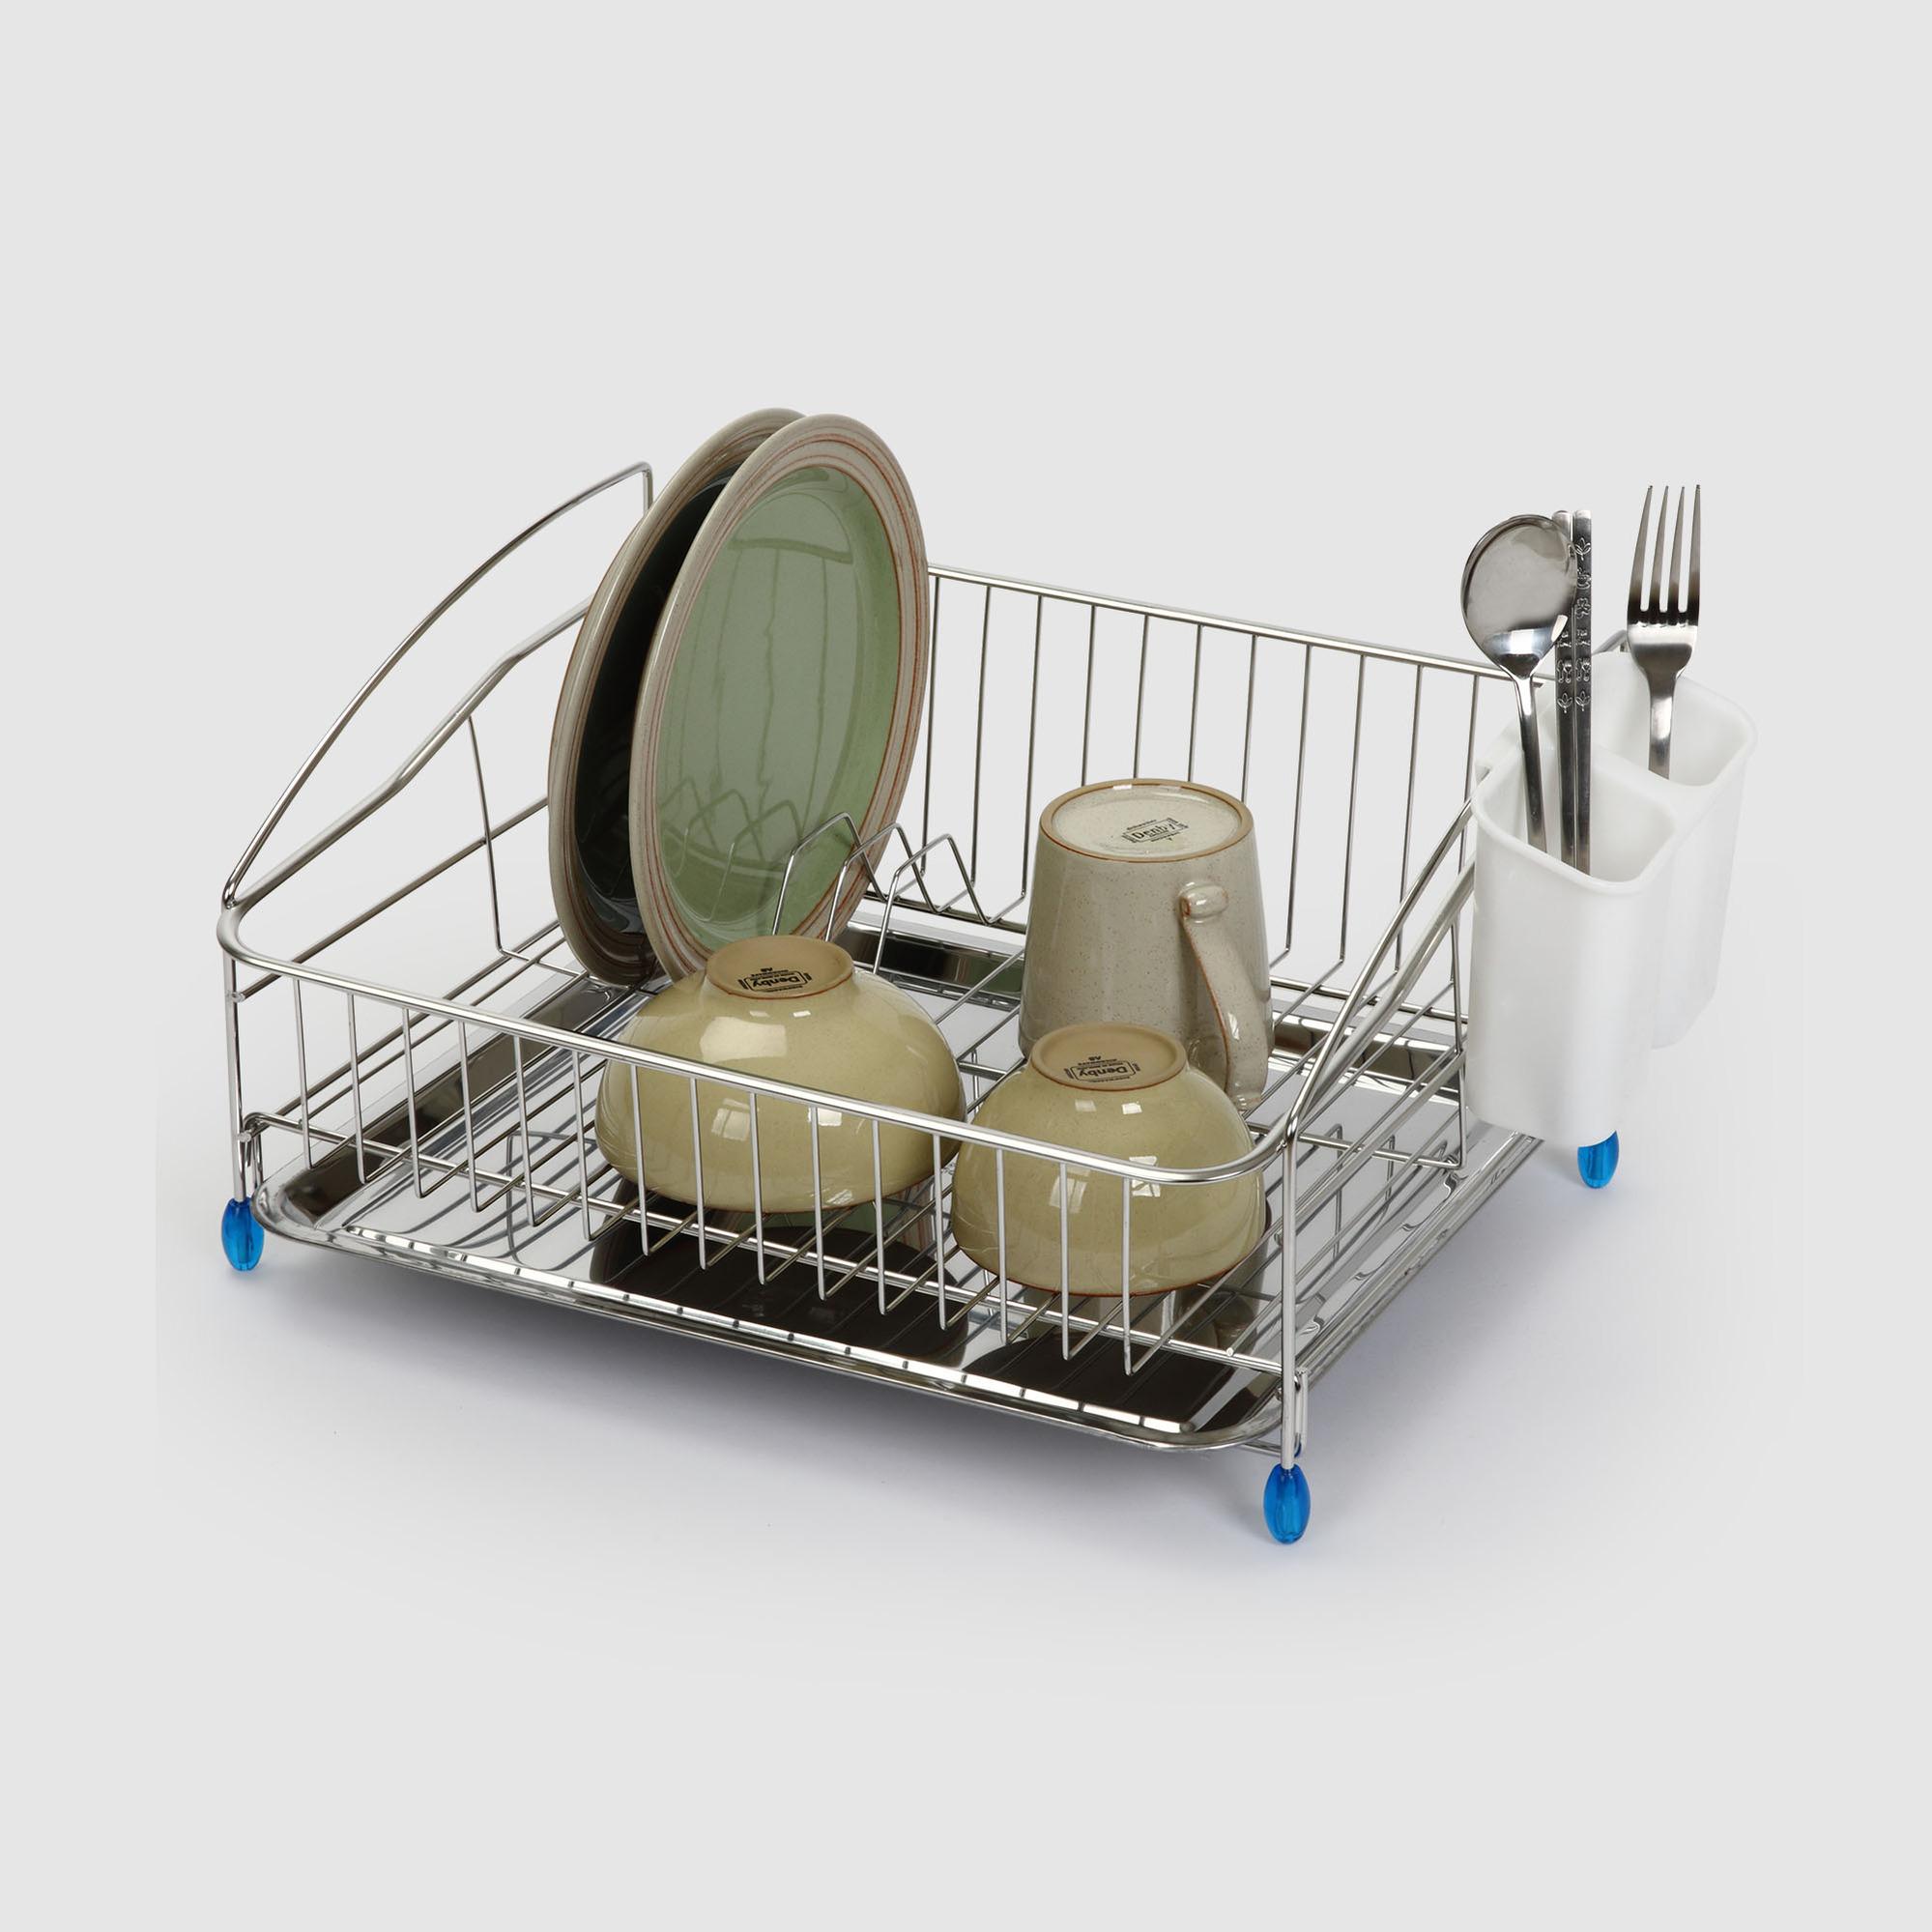 [현재분류명],180402RDB-28954 압연 식기건조대-대,주방선반,식기선반,식기건조대,씽크대선반,식기건조